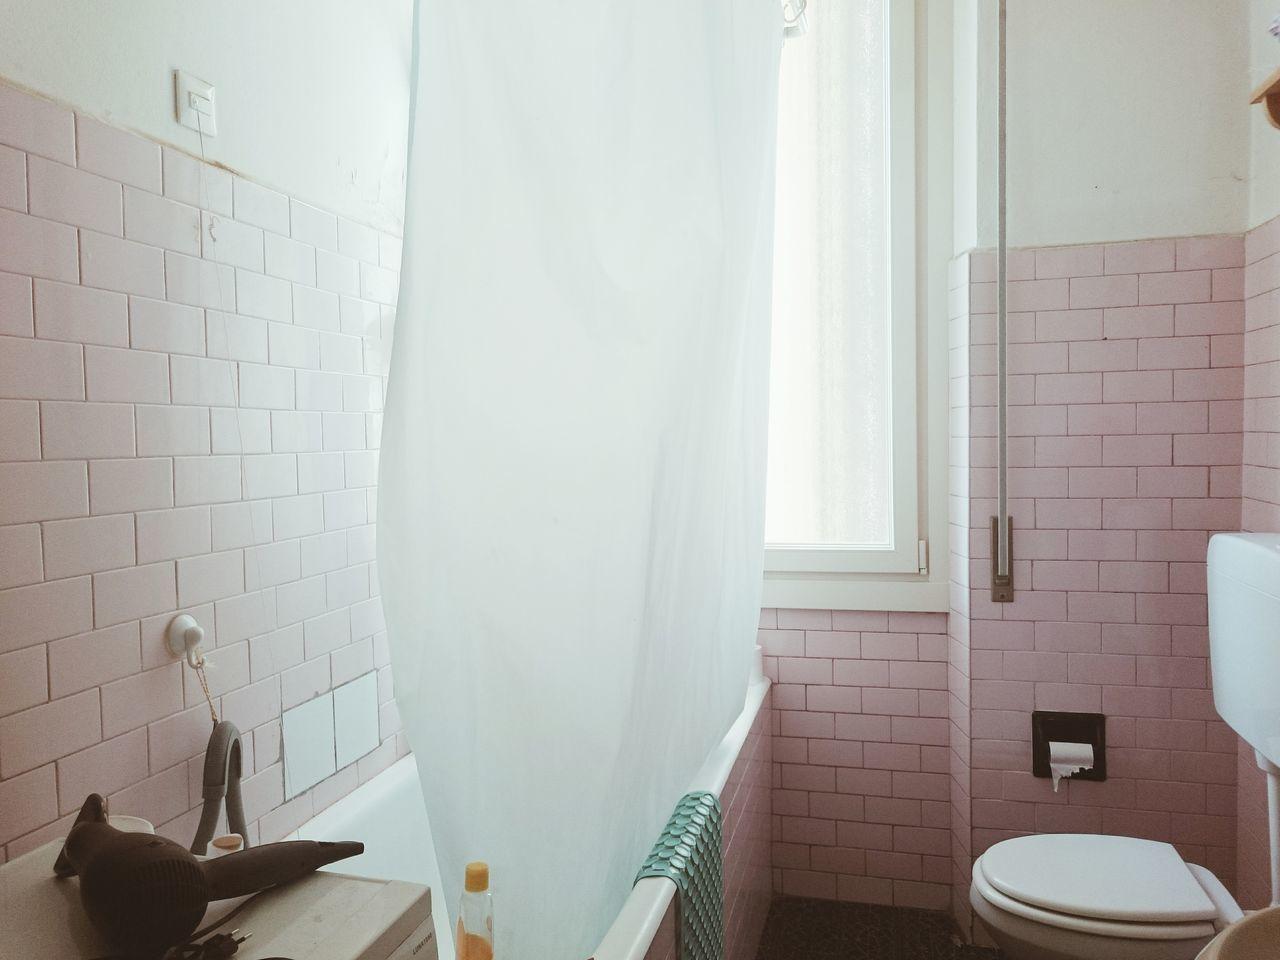 Beautiful stock photos of badezimmer, , Bathroom, Bathtub, Brick Wall